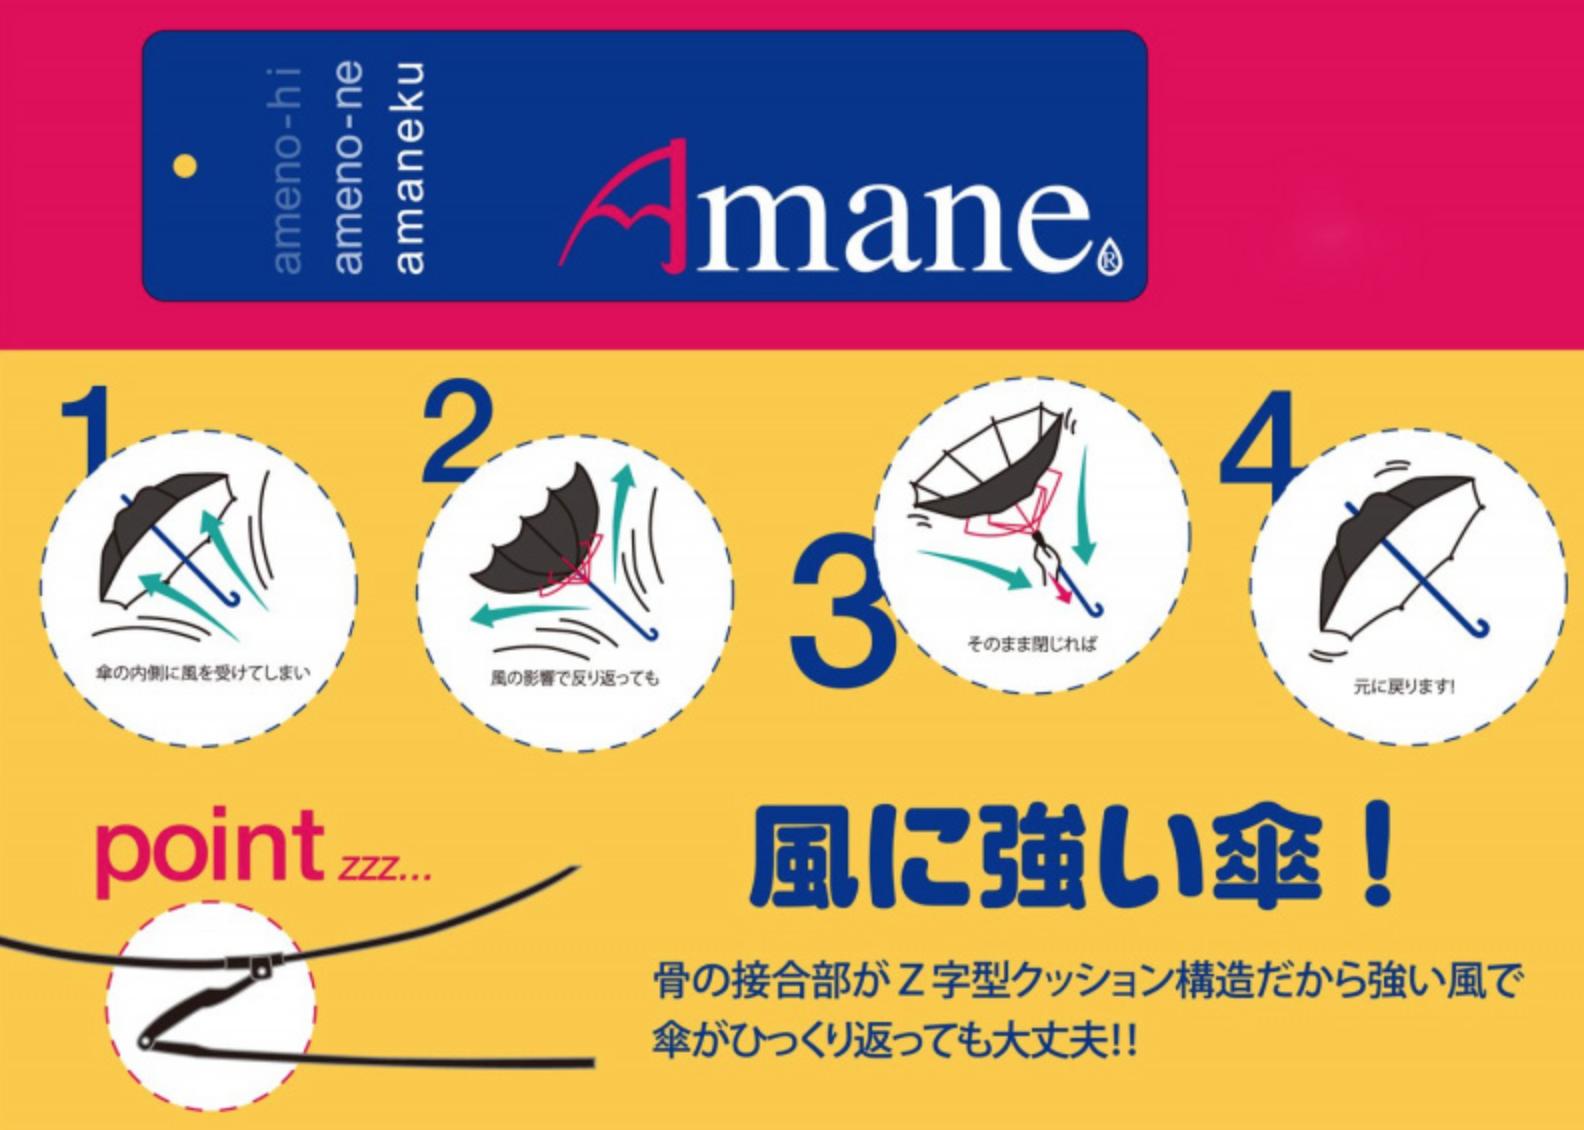 日本Amane極輕量折疊傘88g 小尺寸 2